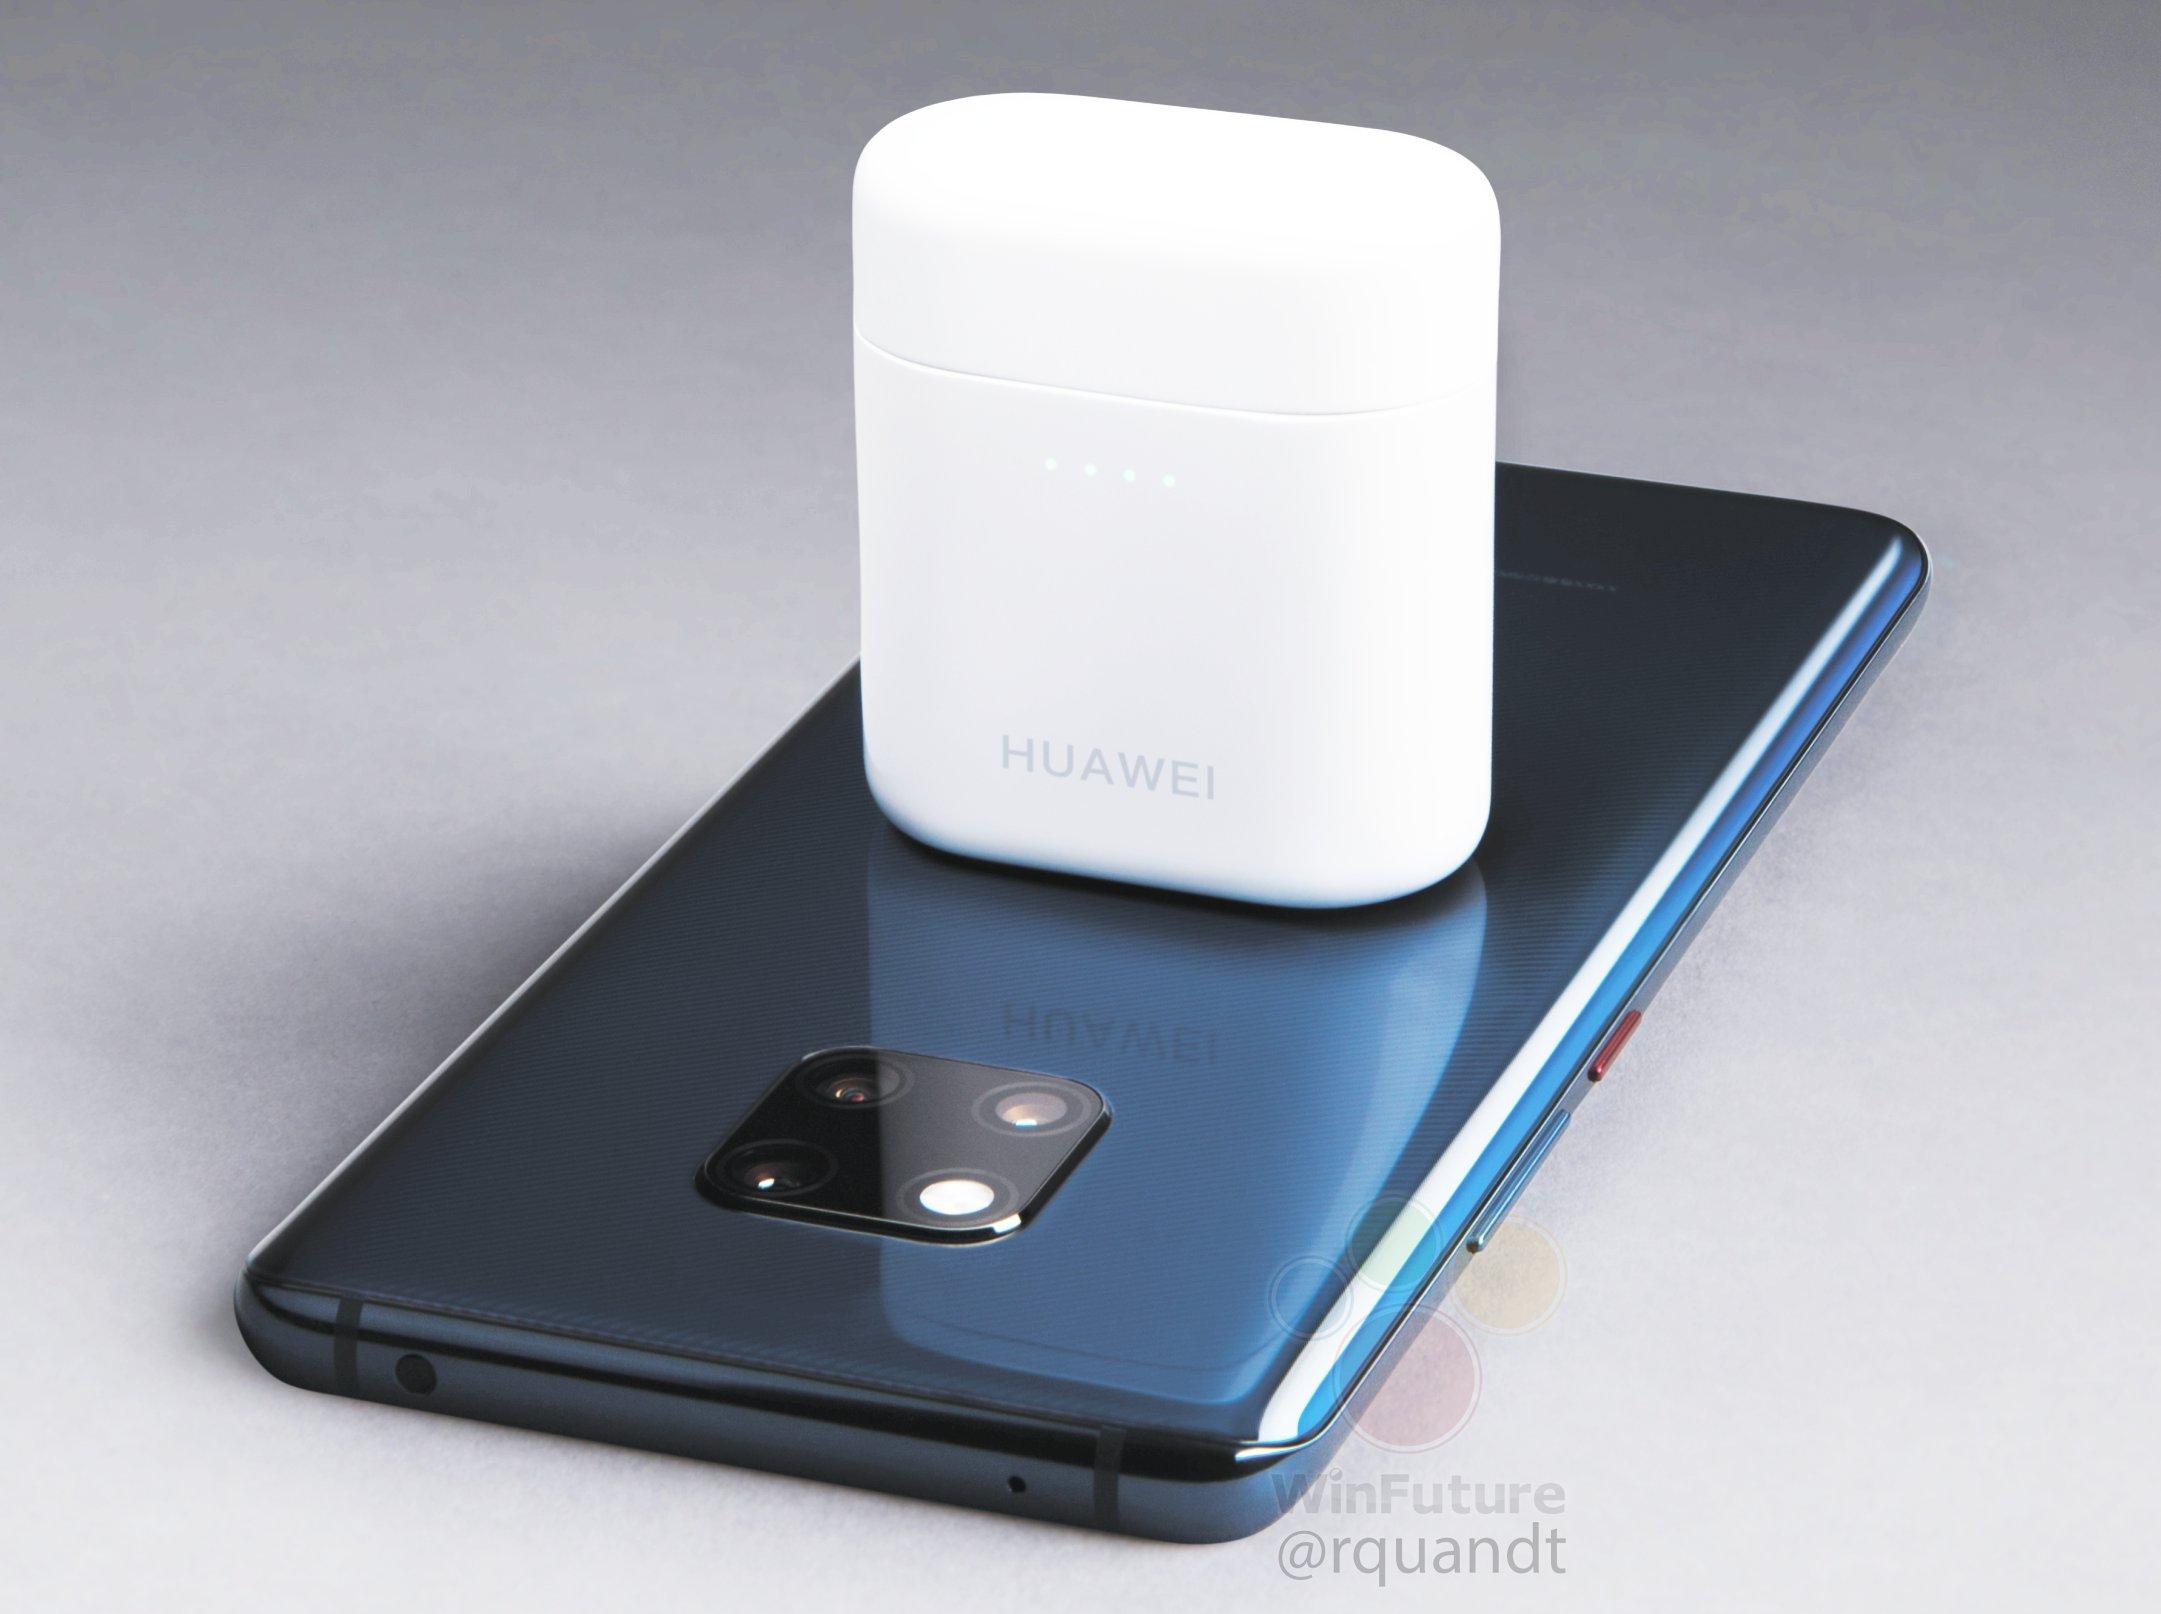 Huawei Mate 20 Pro : un rendu haute définition le montre sous son plus beau jour